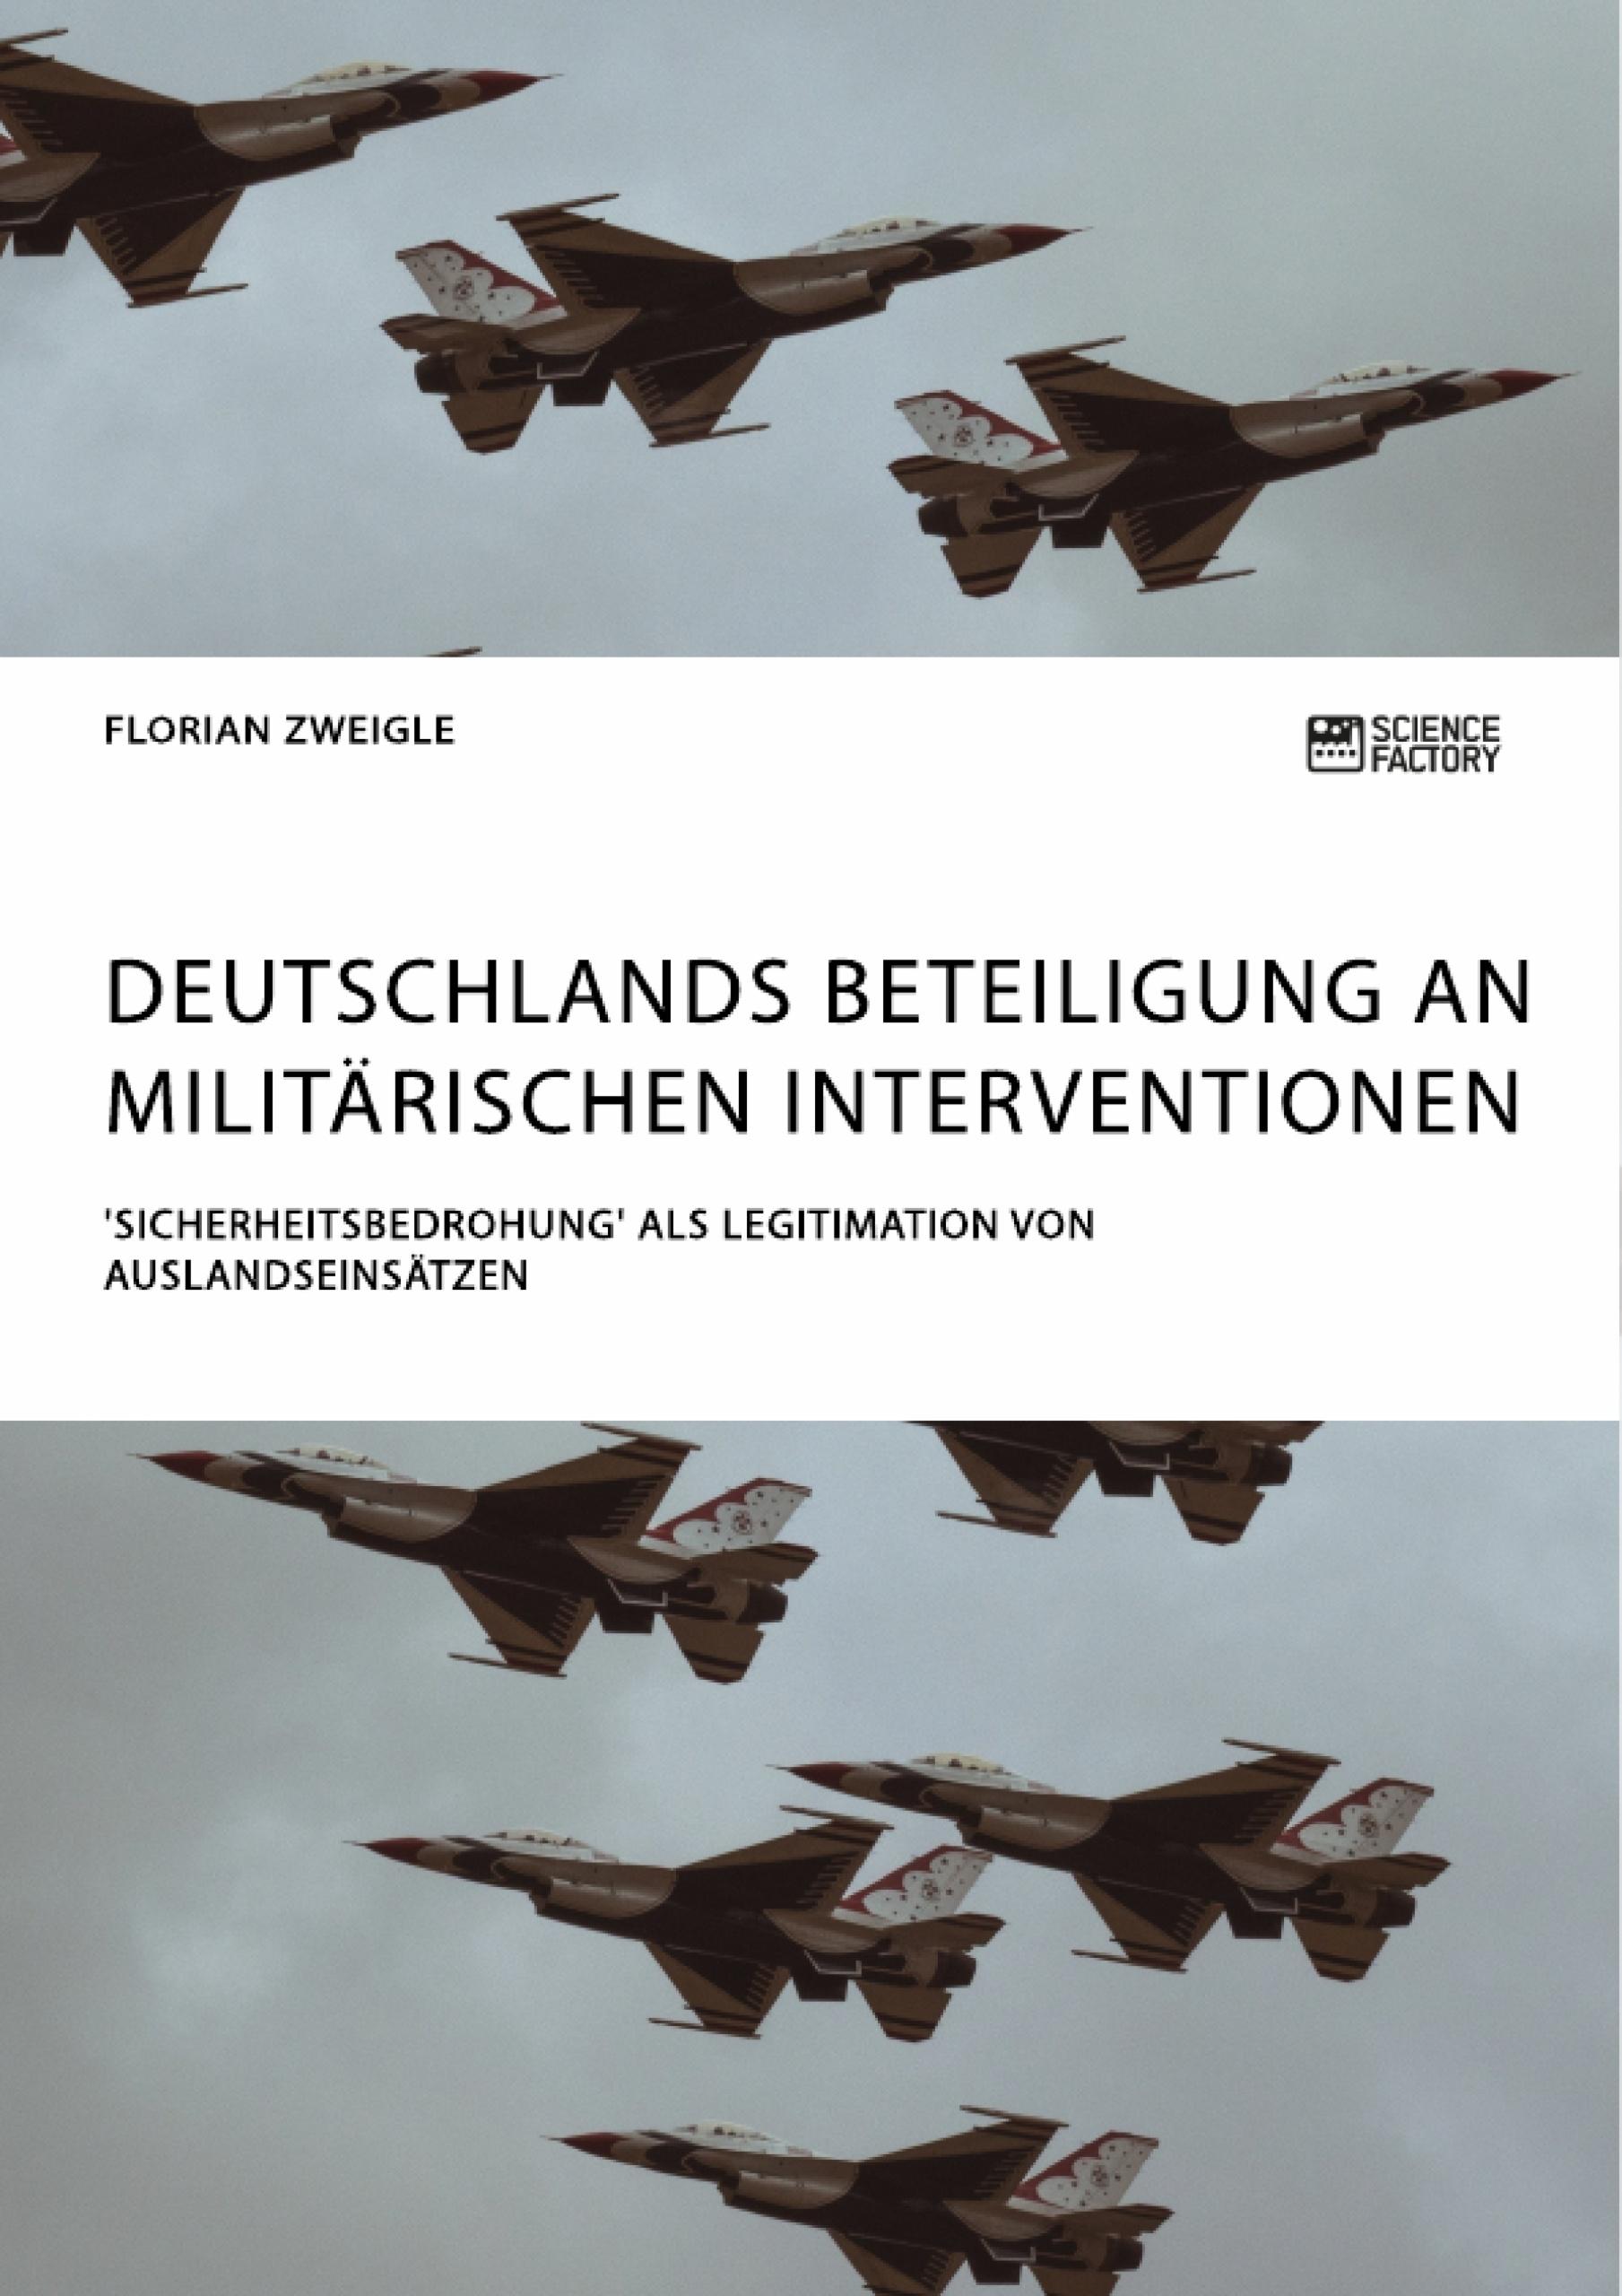 Titel: Deutschlands Beteiligung an militärischen Interventionen. 'Sicherheitsbedrohung' als Legitimation von Auslandseinsätzen